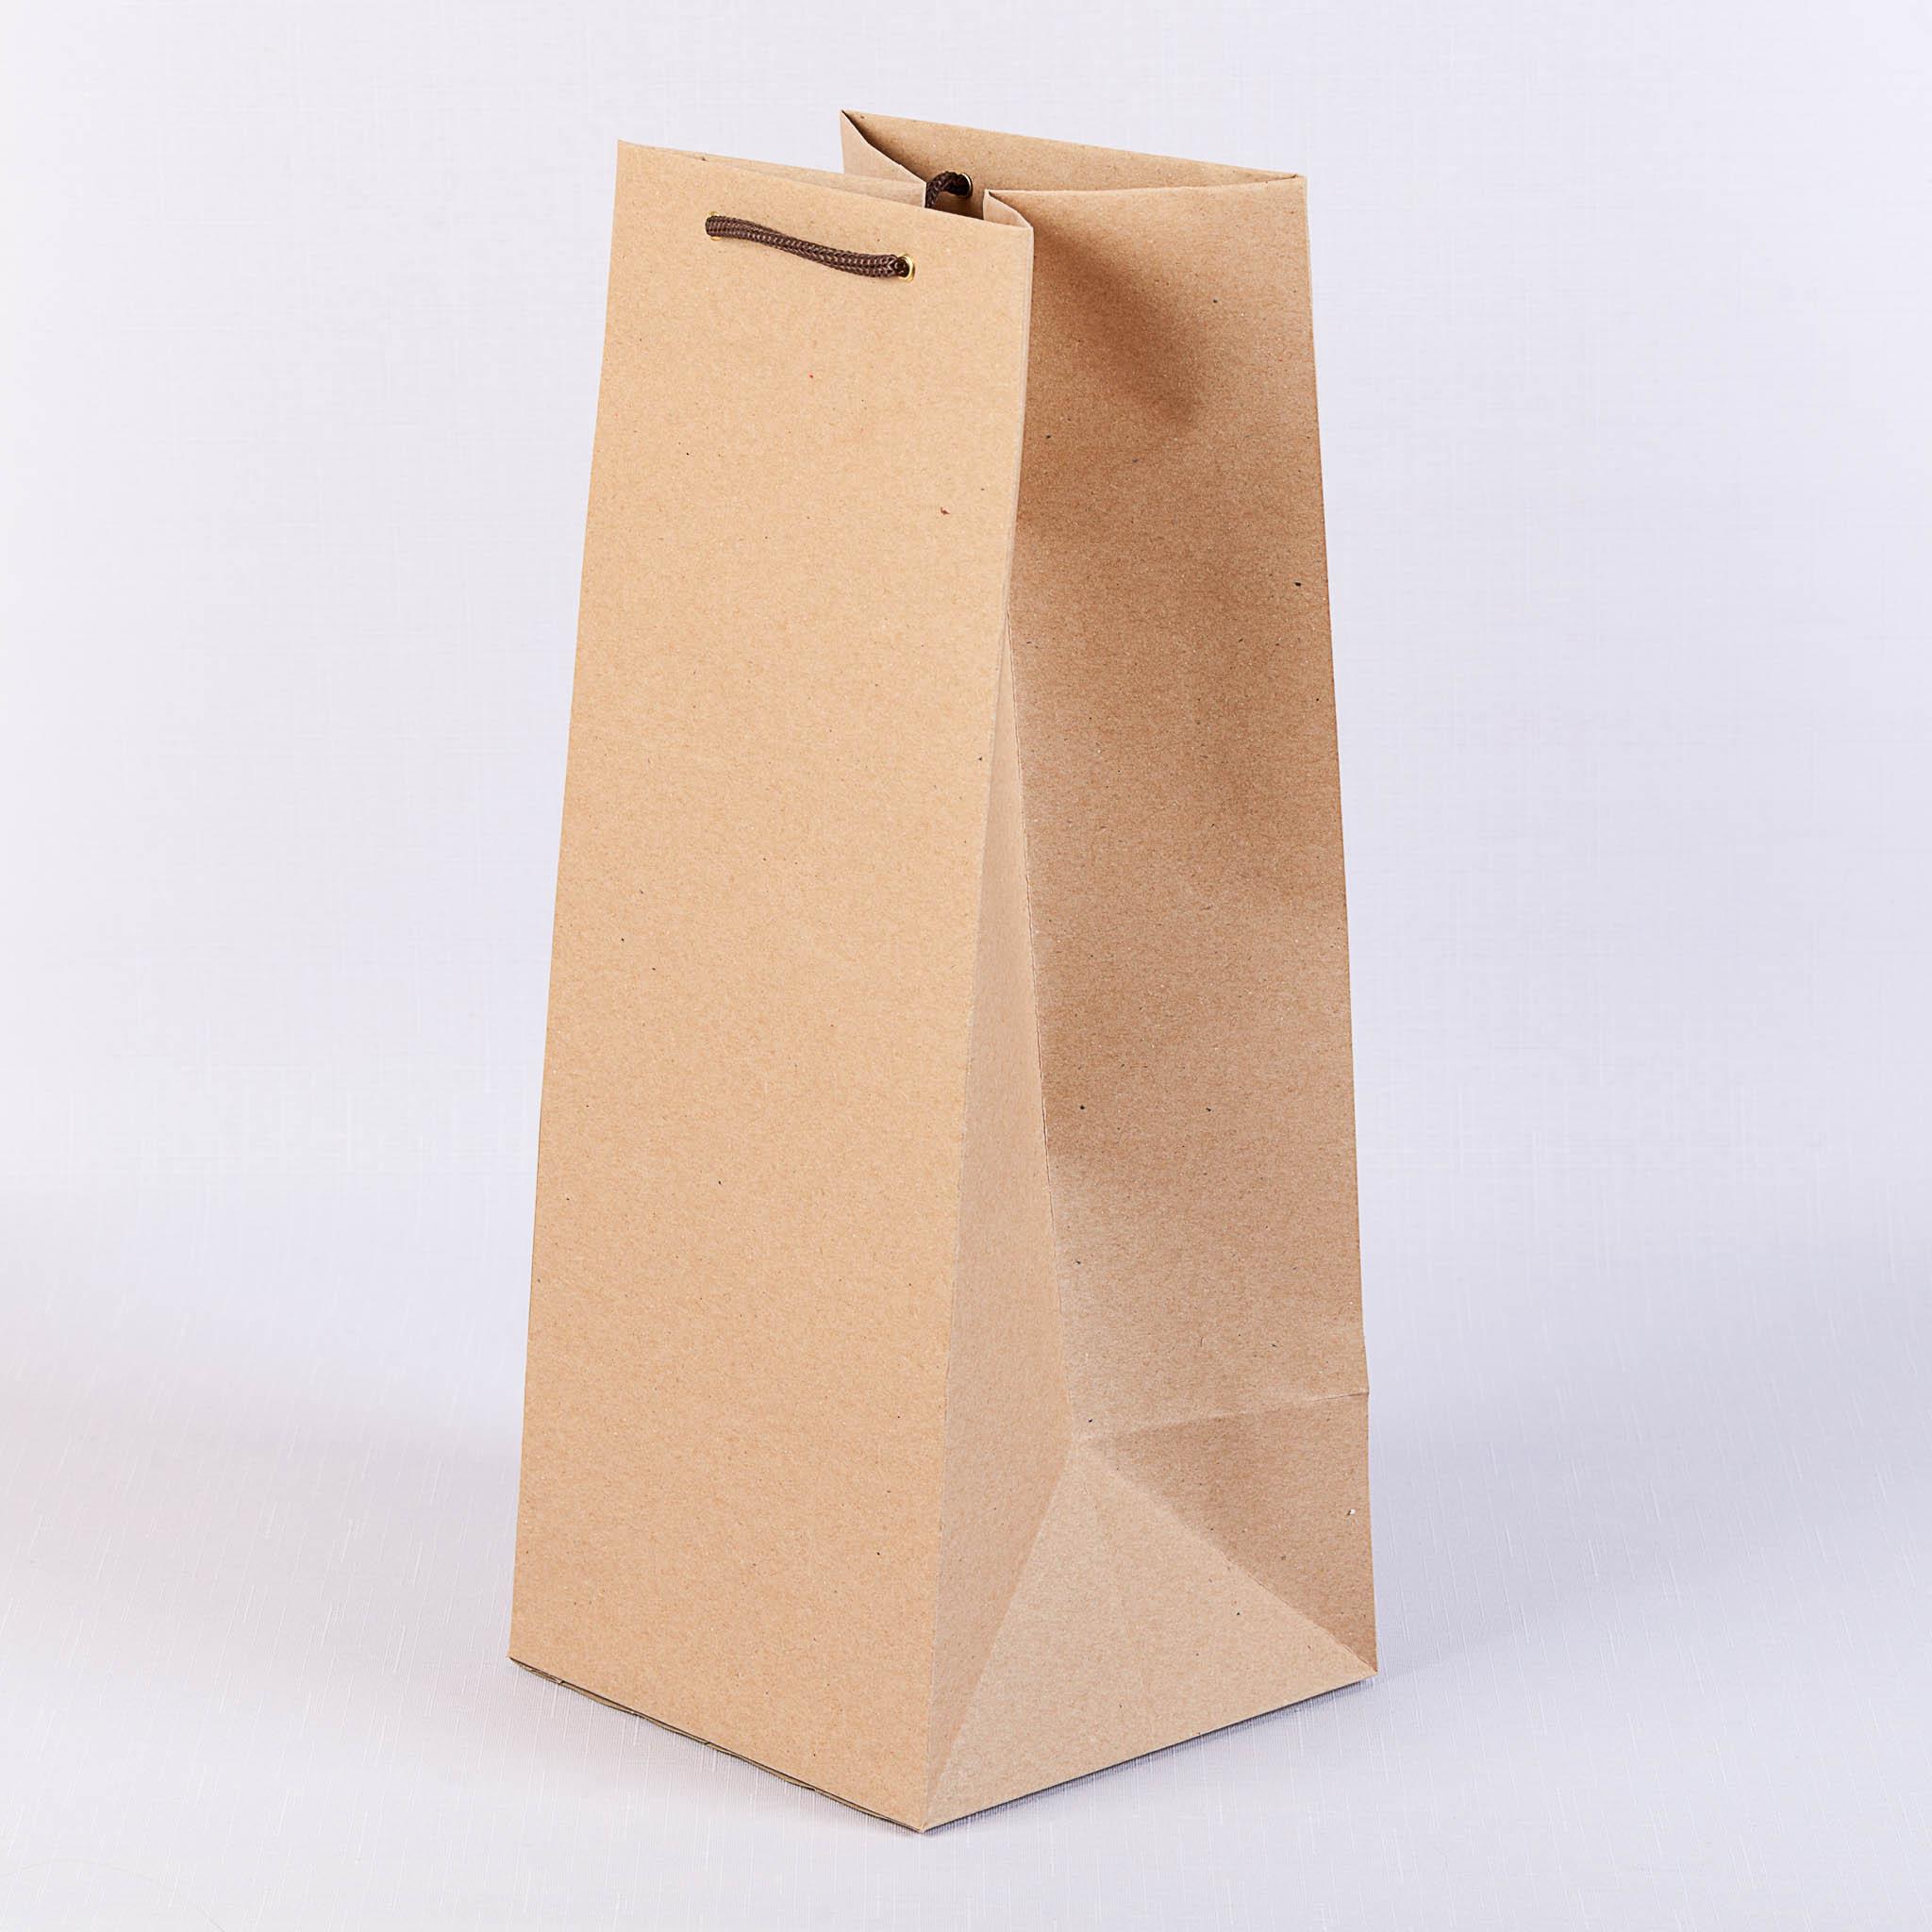 Пакет из крафта 160 г/м2 без печати